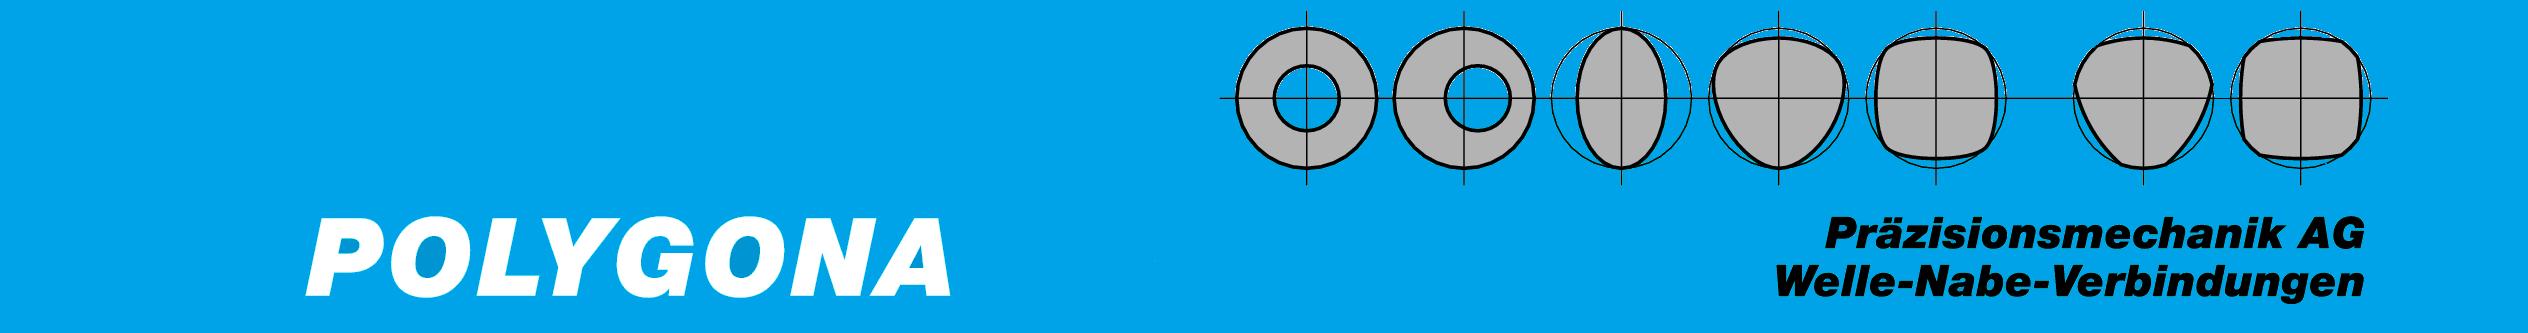 Polygona Präzisionsmechanik AG Logo